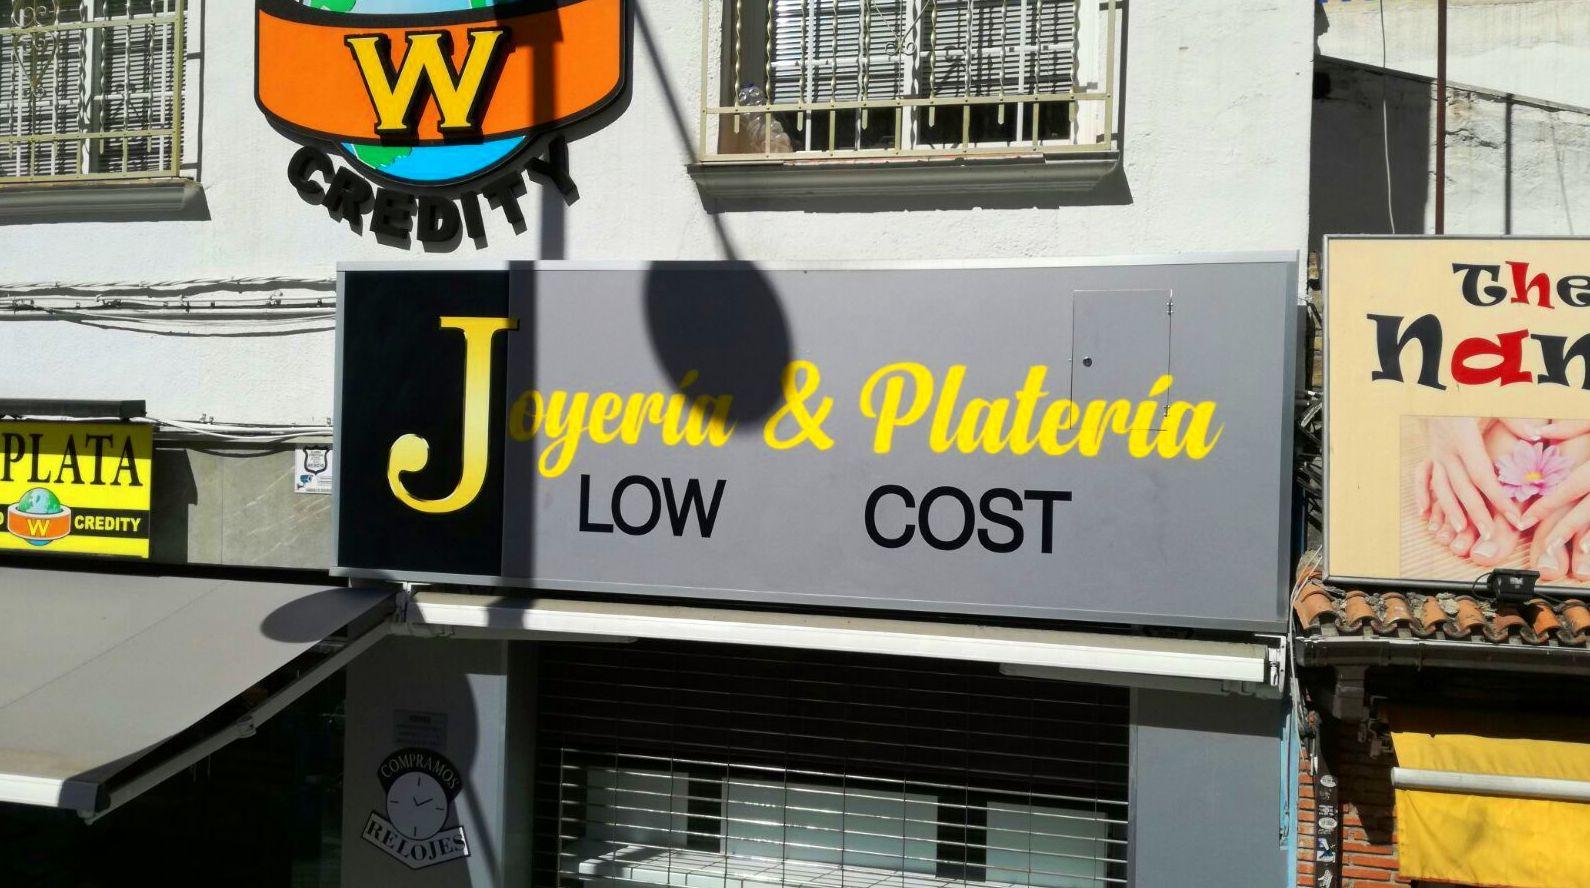 Joyería & Platería LOW COST diseño en corte de vinilo e impresión digital.